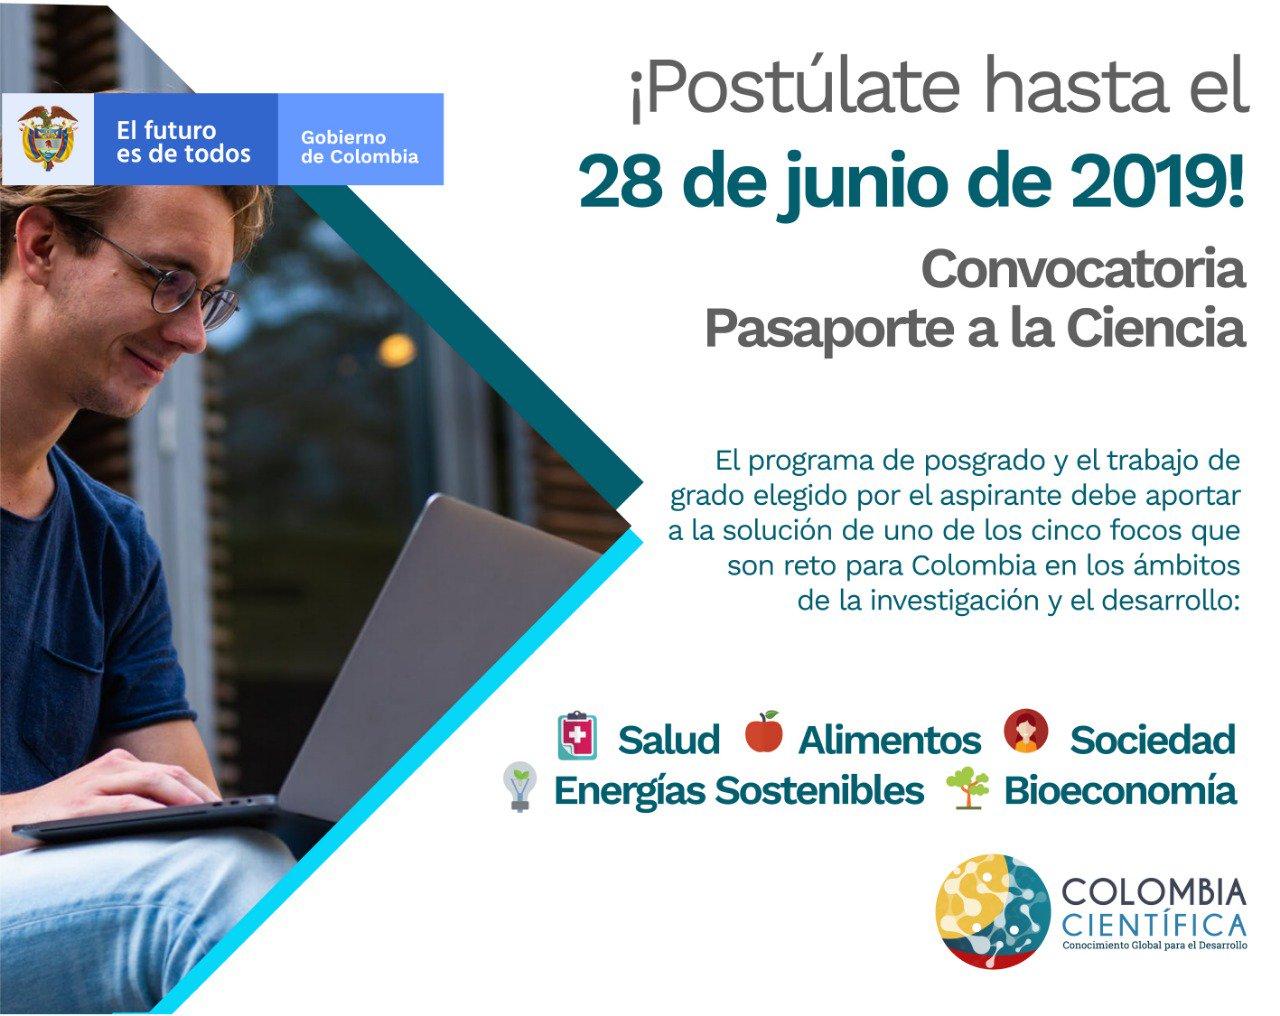 Convocatoria «Pasaporte a la Ciencia» 2019 (Colombia Científica)